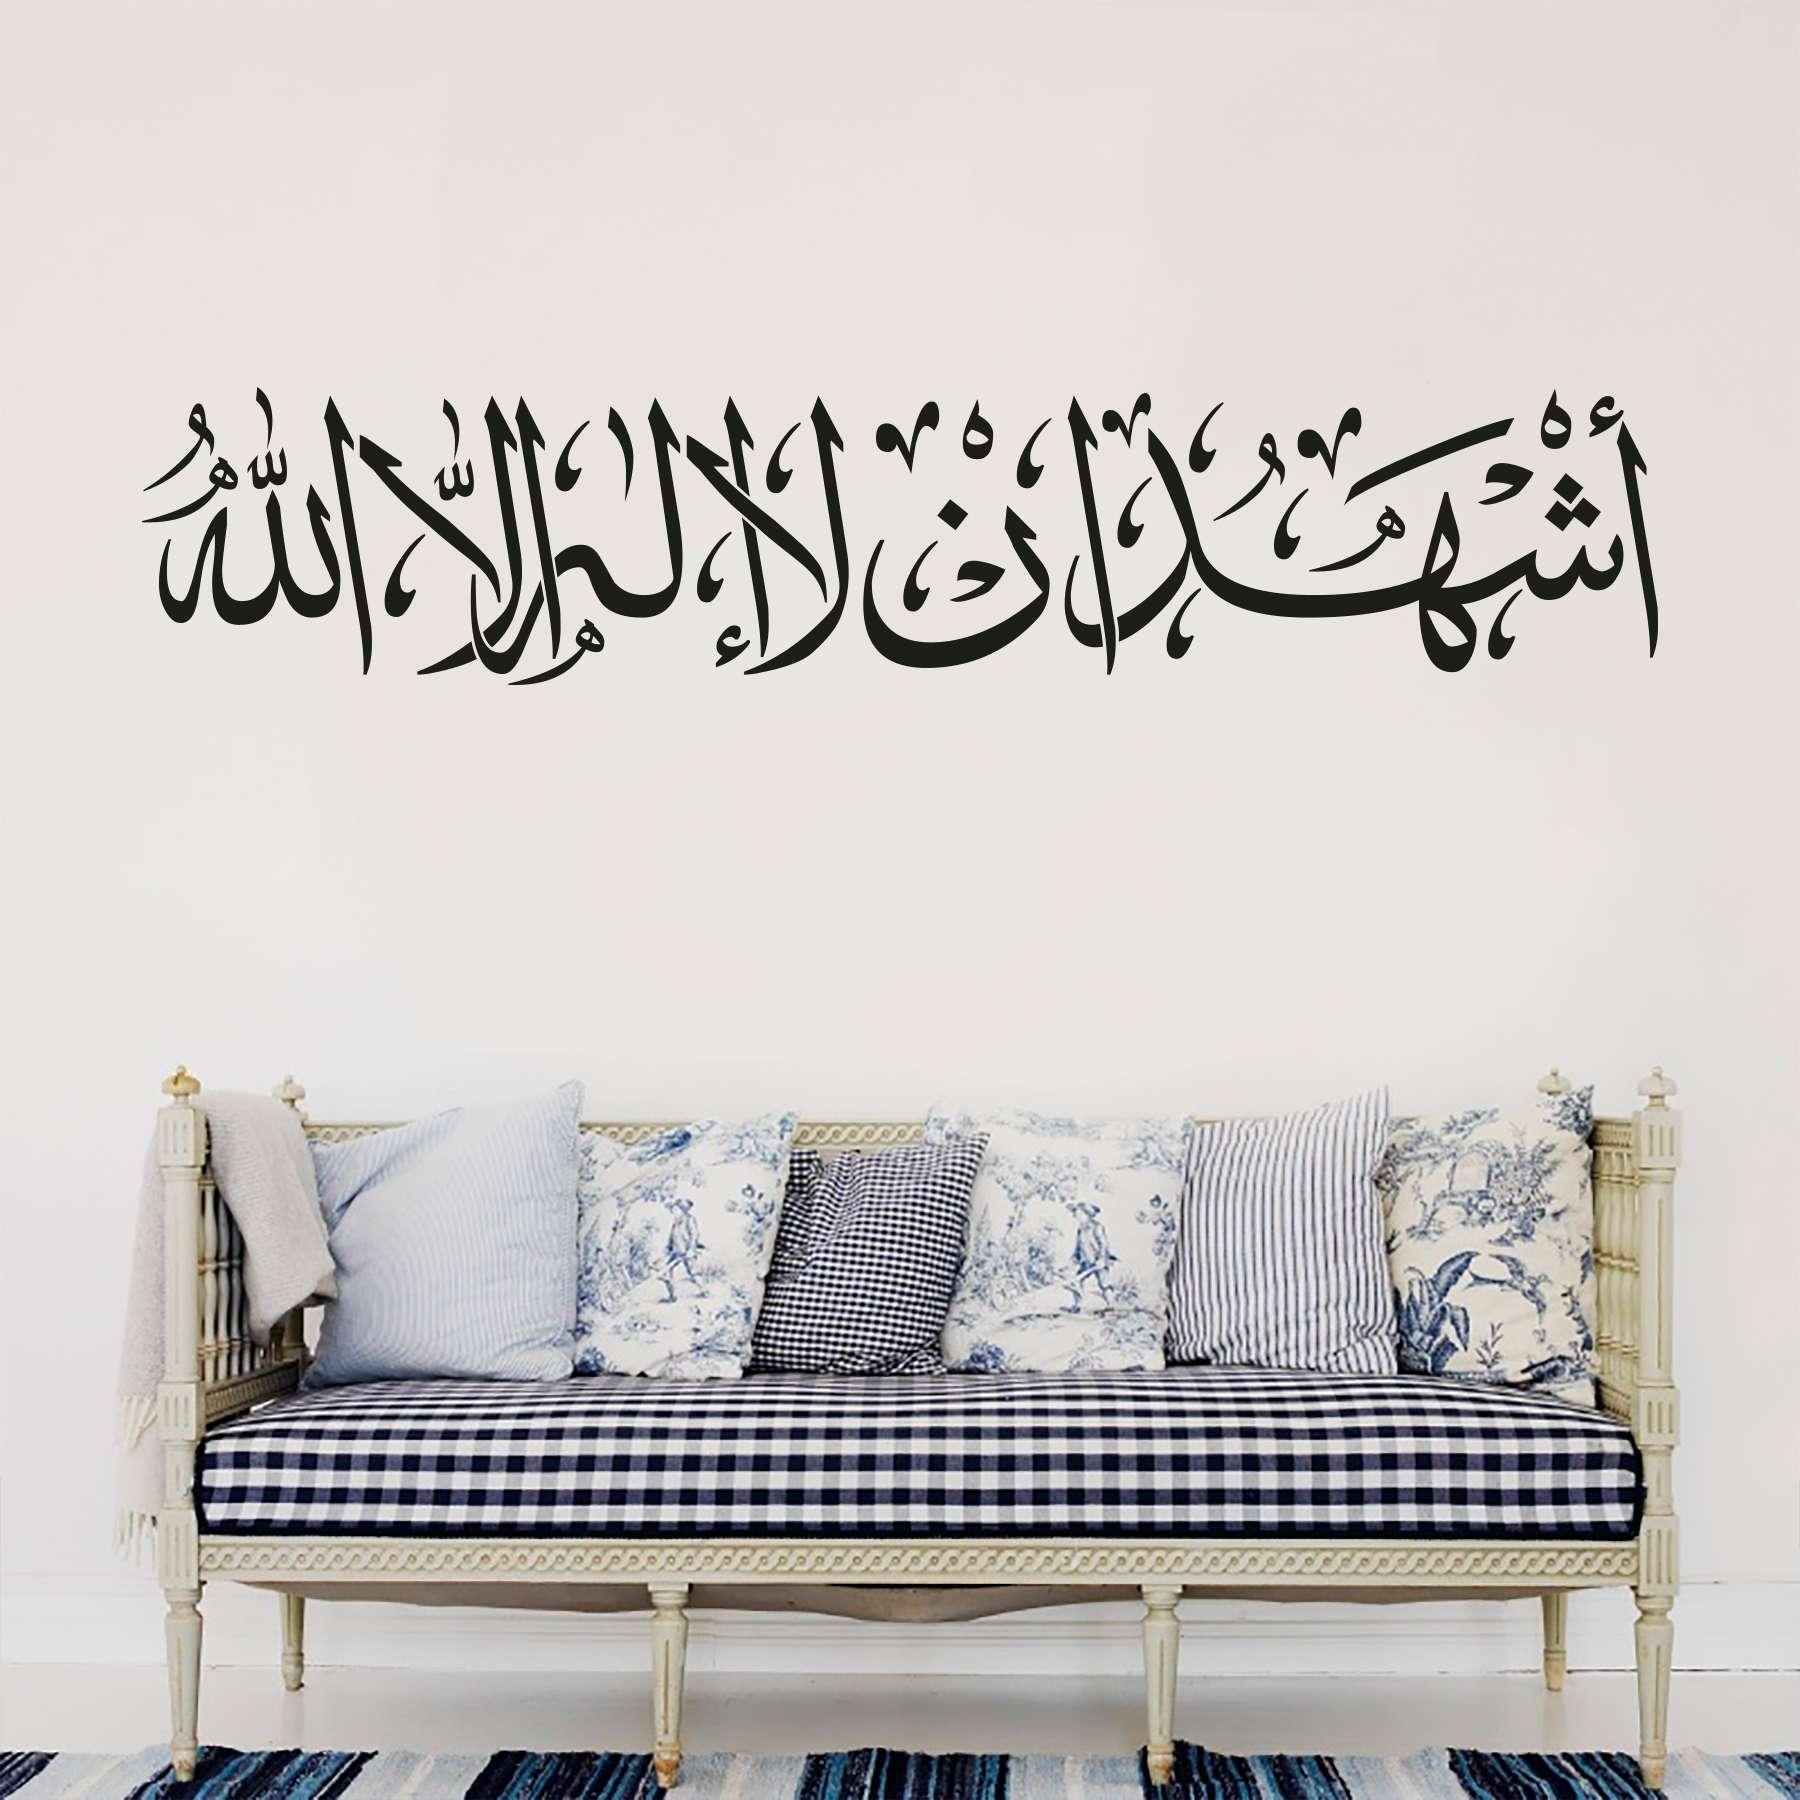 Hochwertige Wandtattoos zu günstigen Preisen kaufen.   islamische ...